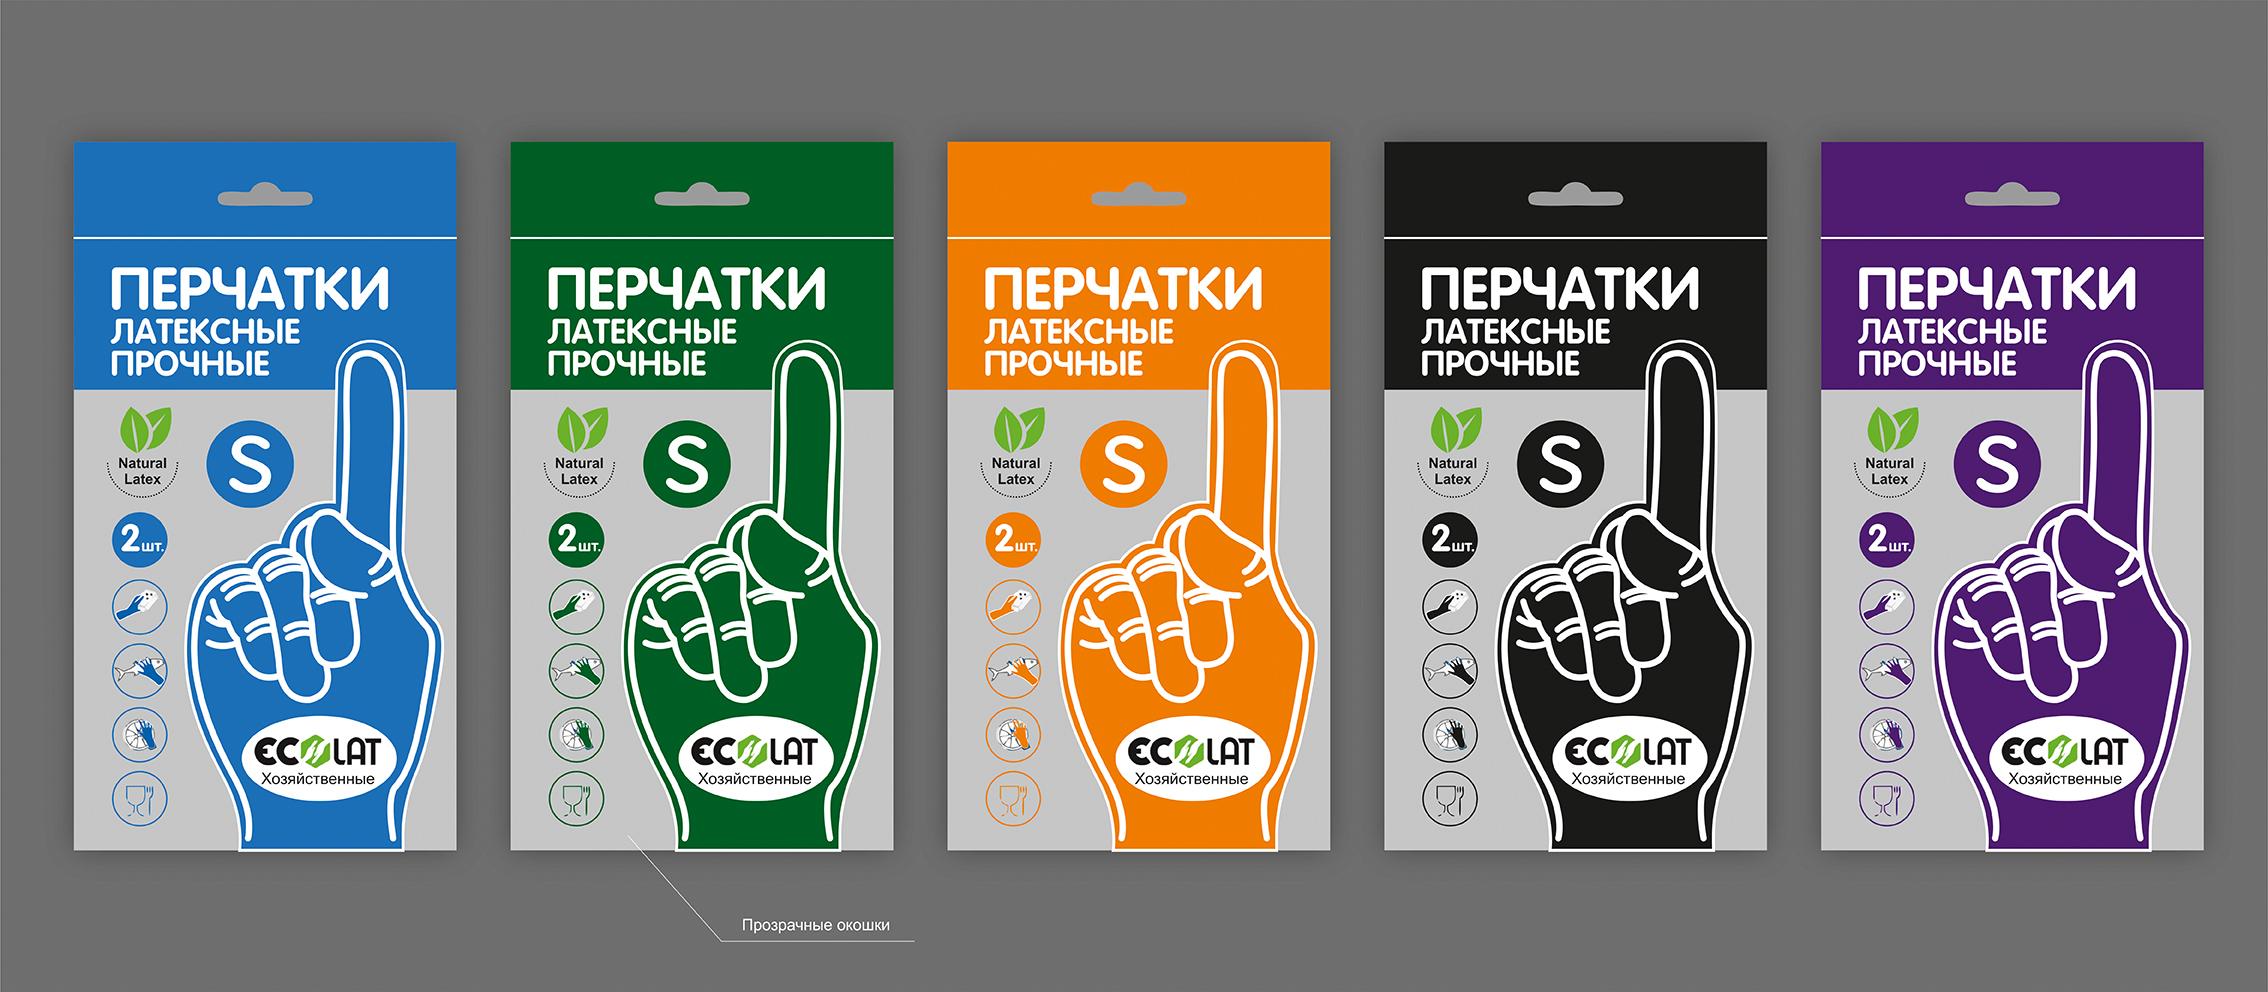 Создать дизайн для хозяйственных перчаток для упаковки flow pack фото f_7045d6b7d724c347.jpg